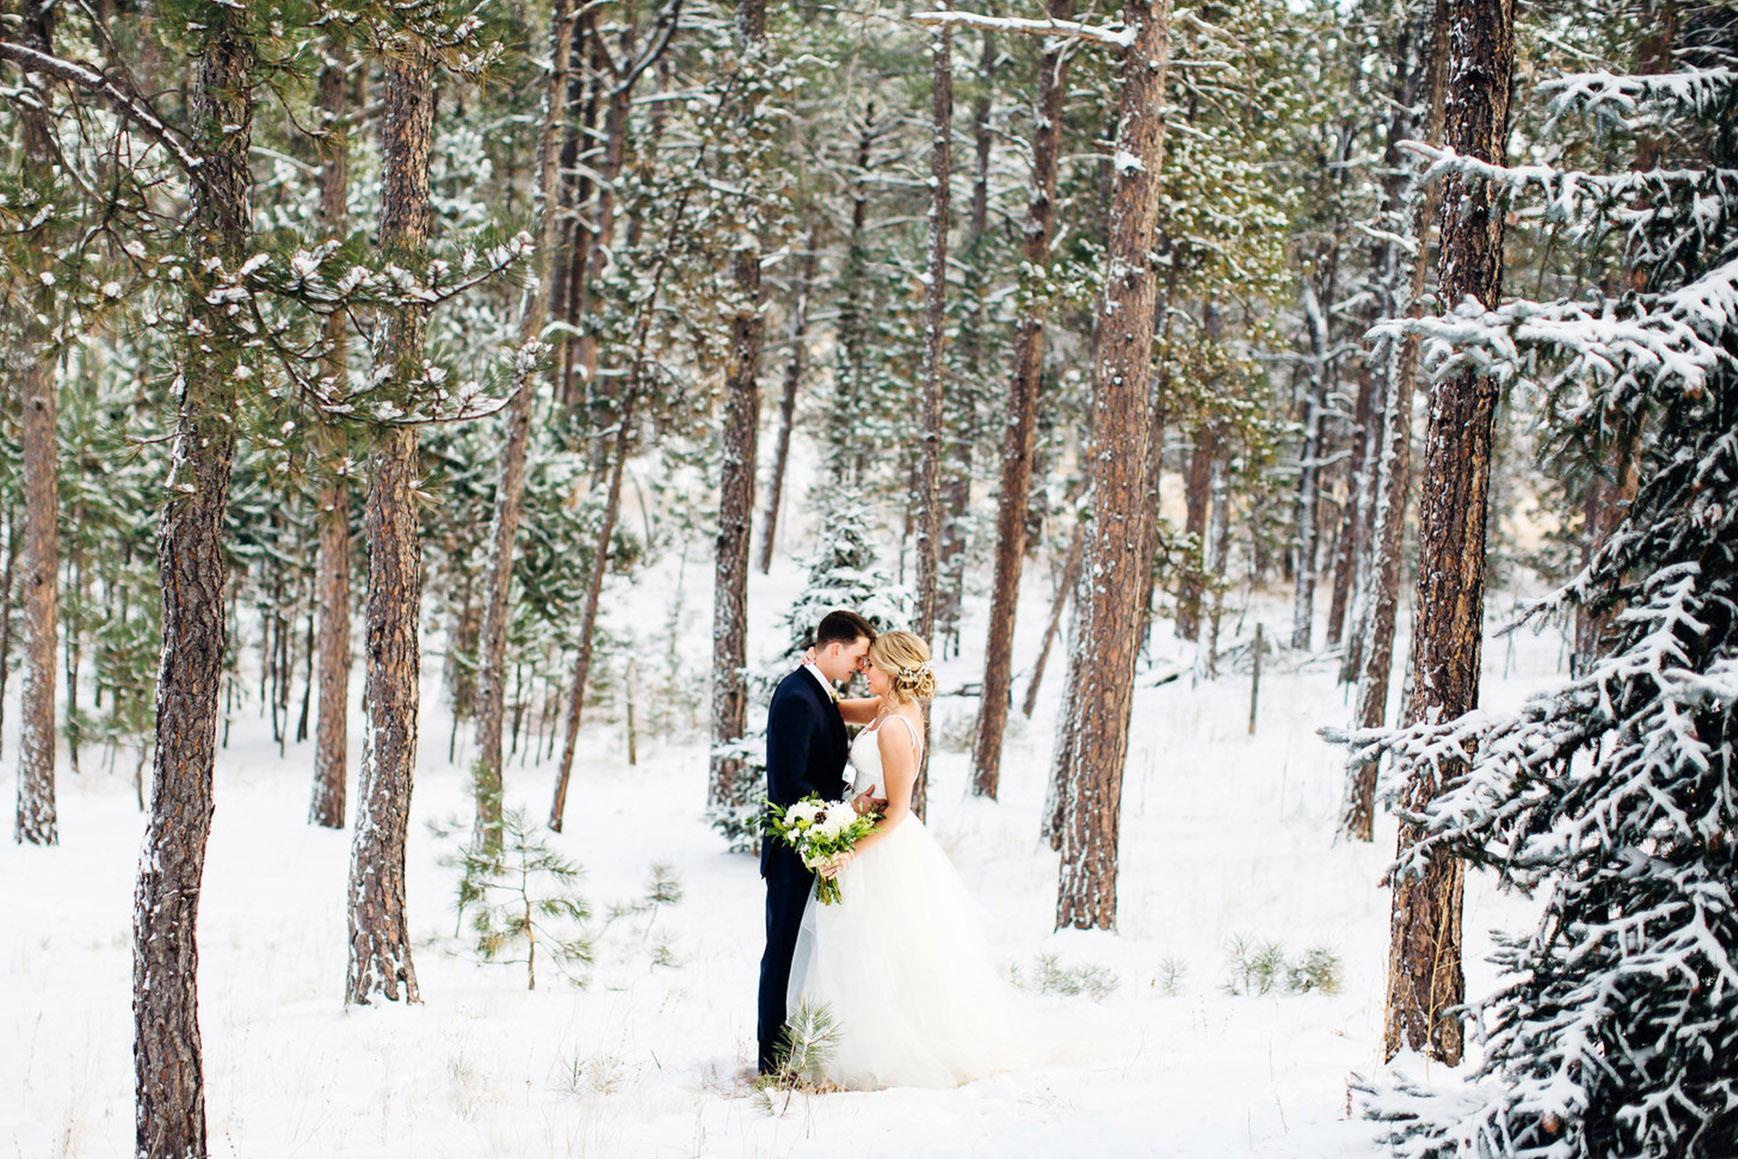 Snowy Winter wedding - Black Forest - Colorado Springs, Colorado - El Paso County - Wedgewood Weddings